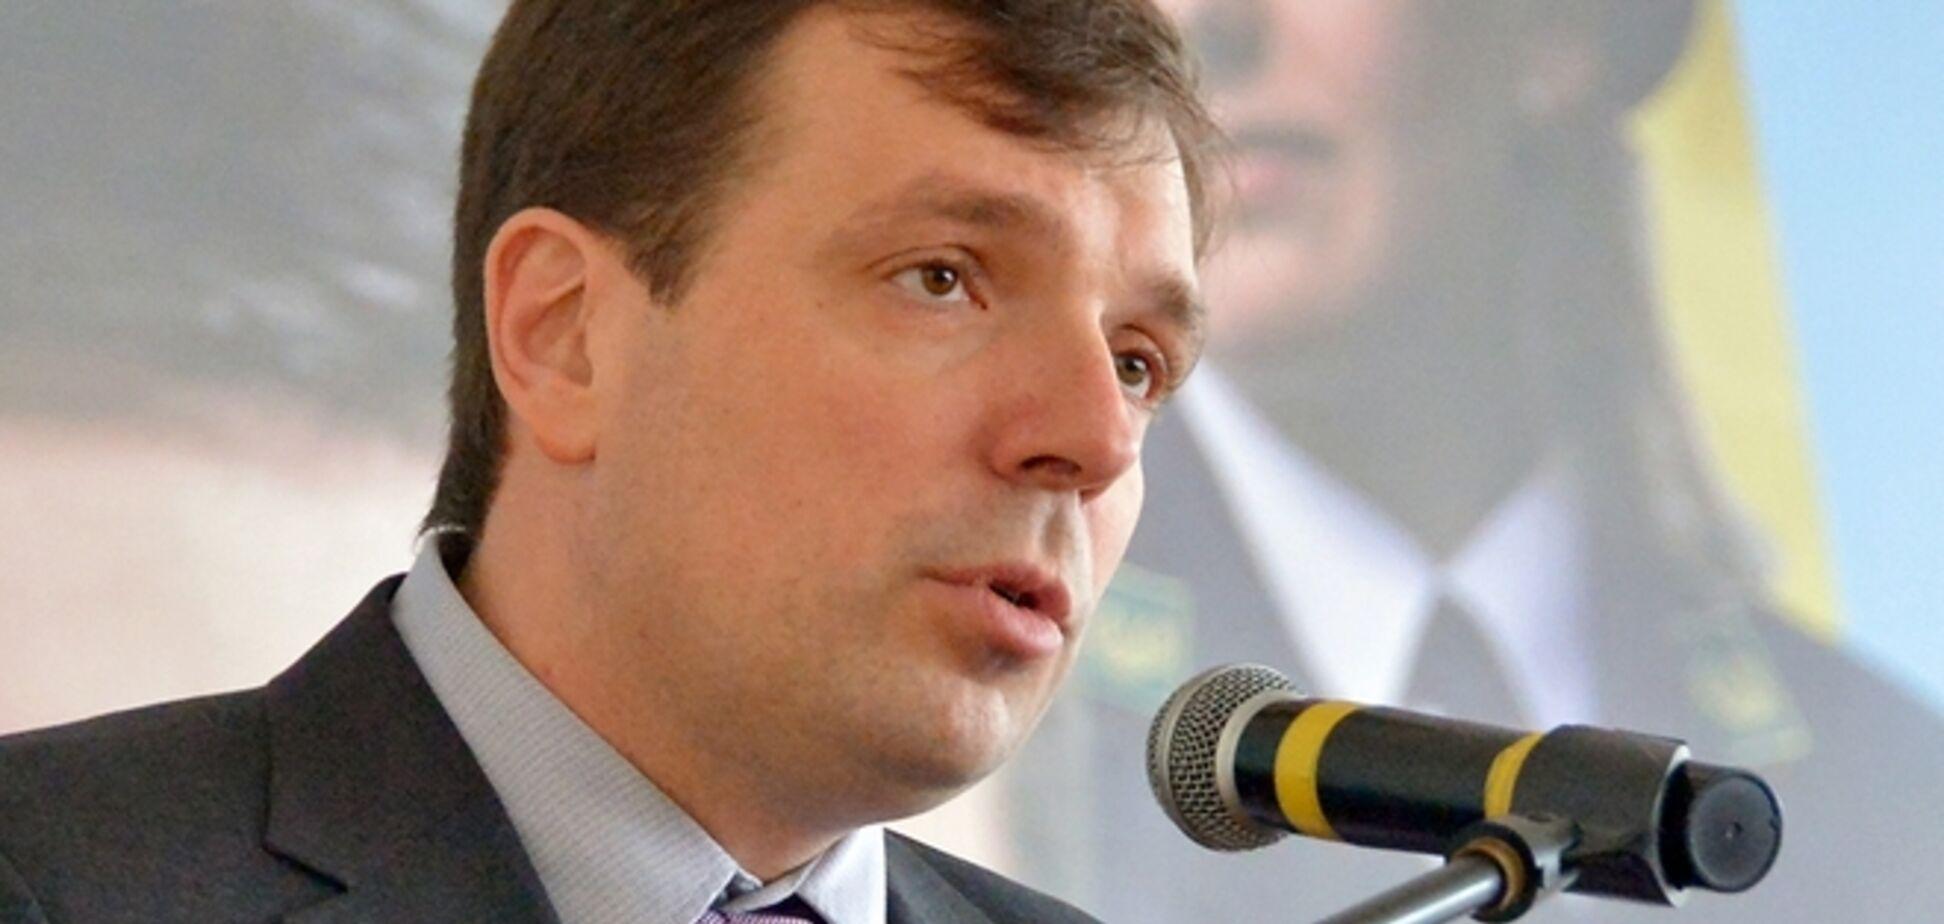 Николай Скорик: Украине необходим реальный план мирного развития